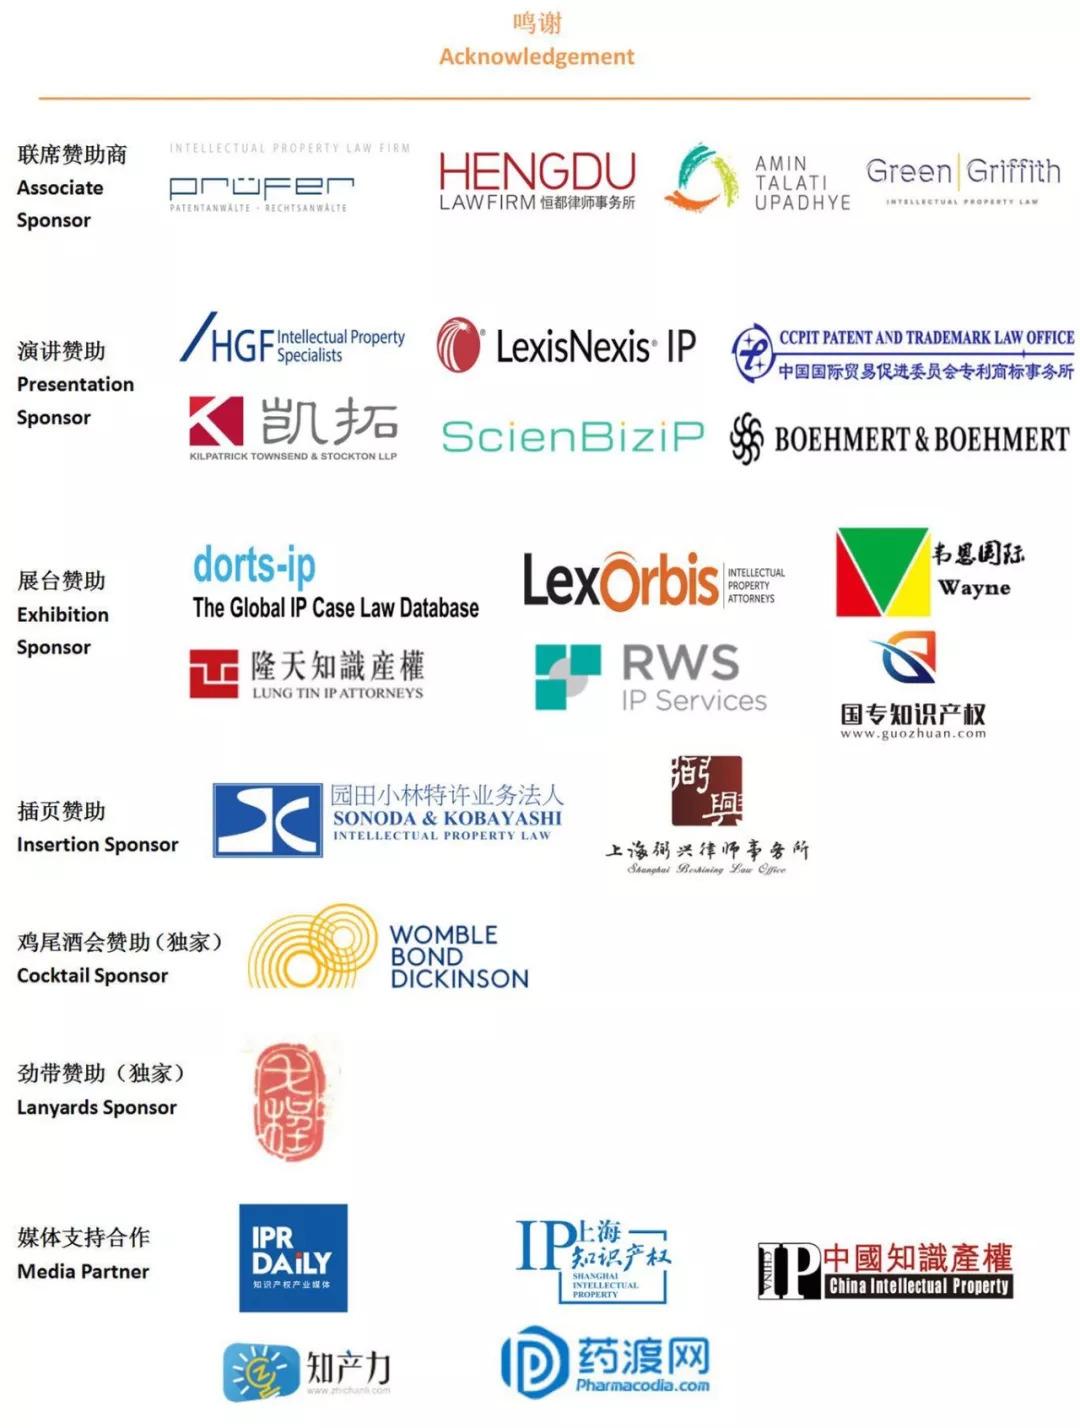 「2018中国医药知识产权峰会」即将在北京召开!